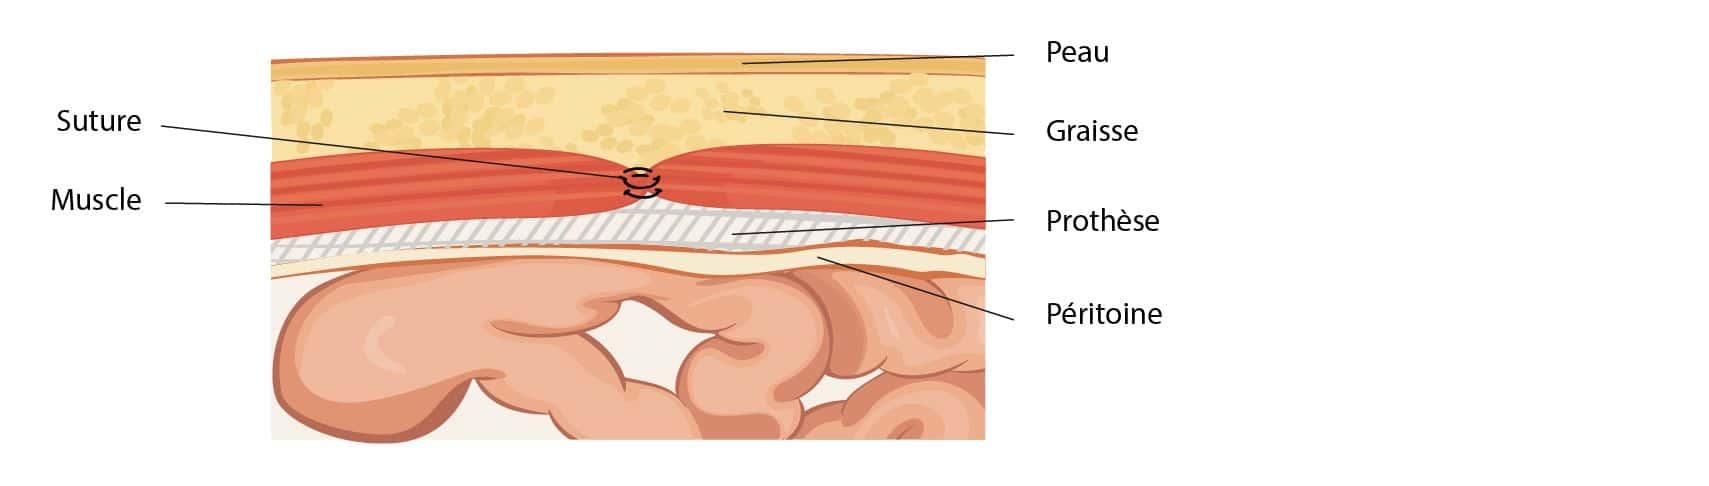 Traitement chirurgical des hernies inguinales à Paris 08 avec le Dr Servajean